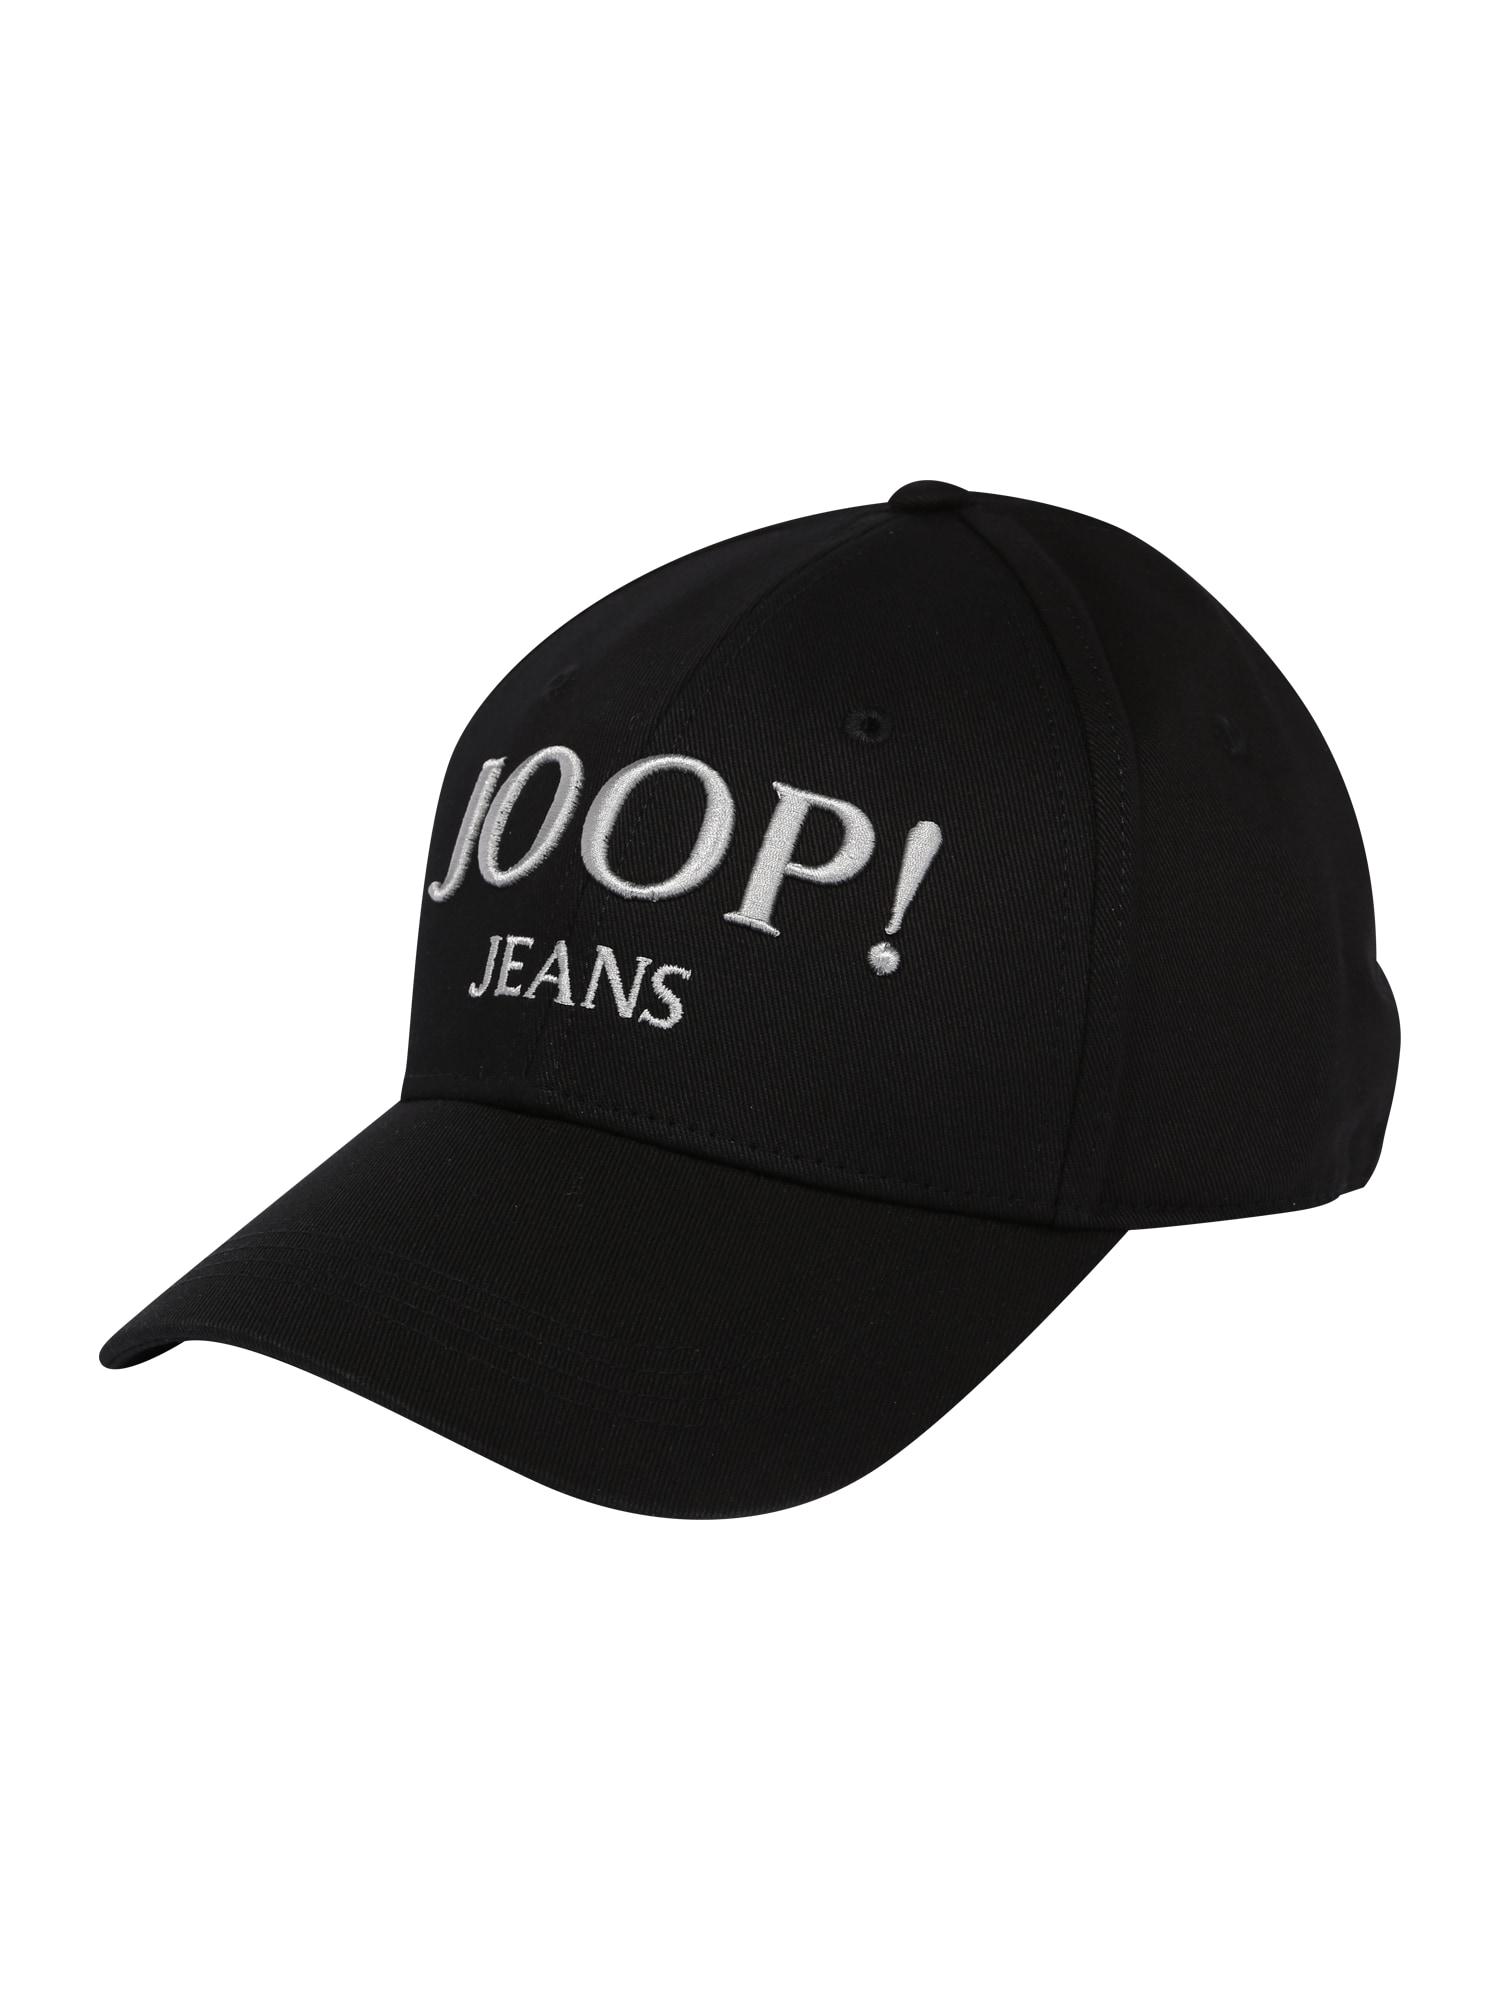 JOOP! Jeans Kepurė